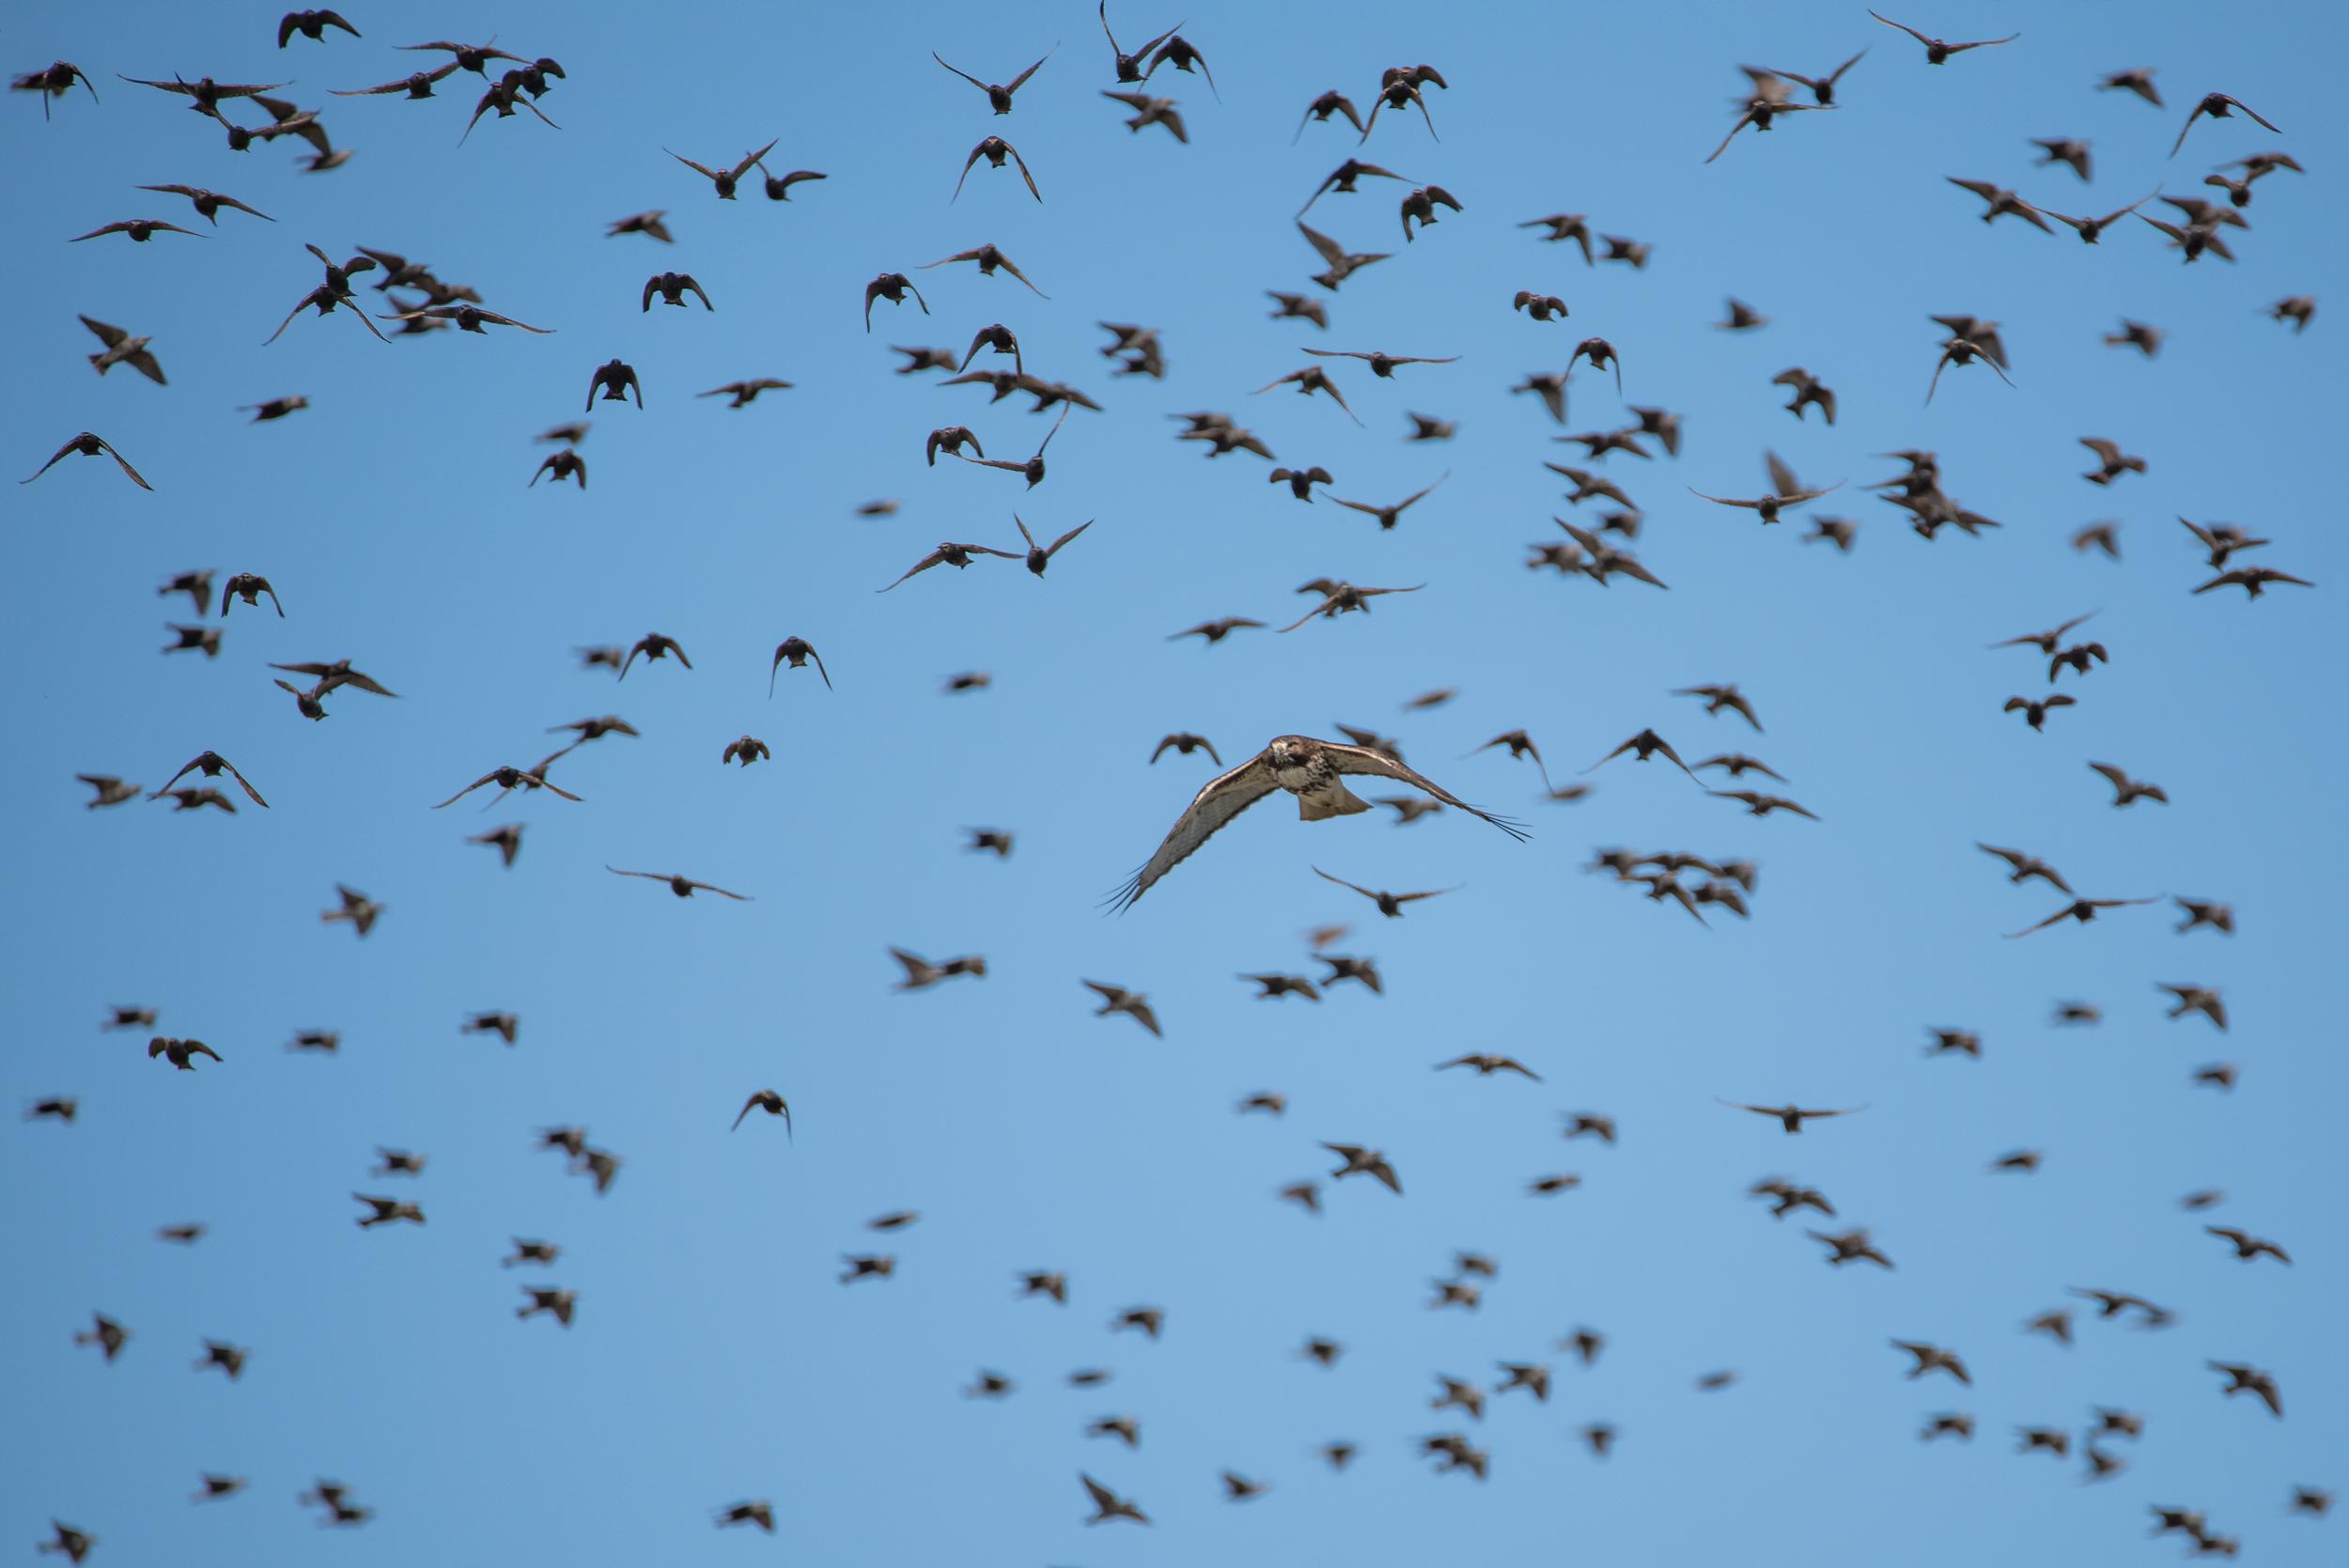 The Birds  Nikon D750 600mm f/6.3 1/1600 sec.